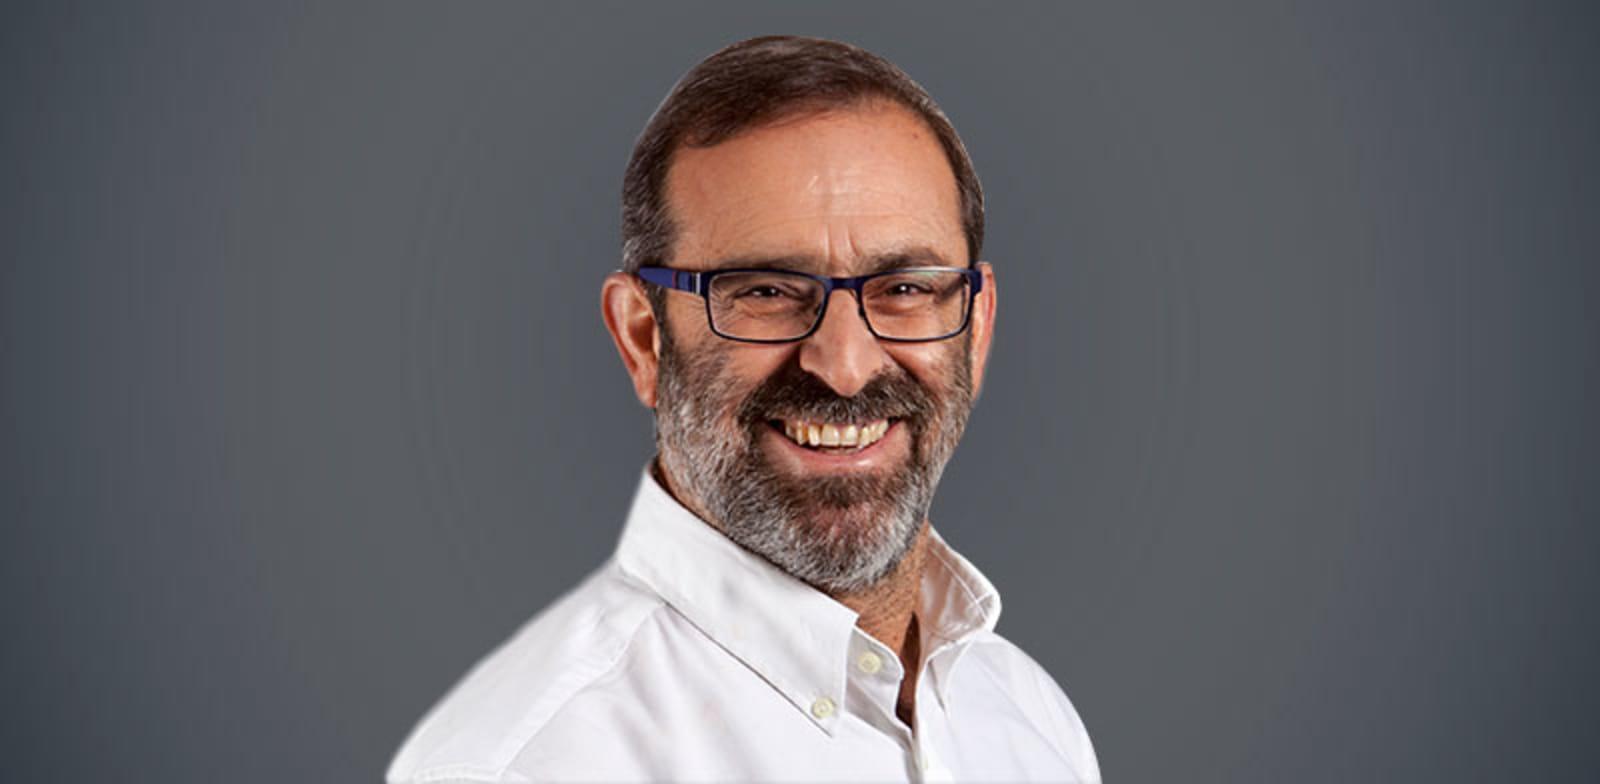 רמי נחום, הבעלים של חברת טריפל סי / צילום: דן נחום